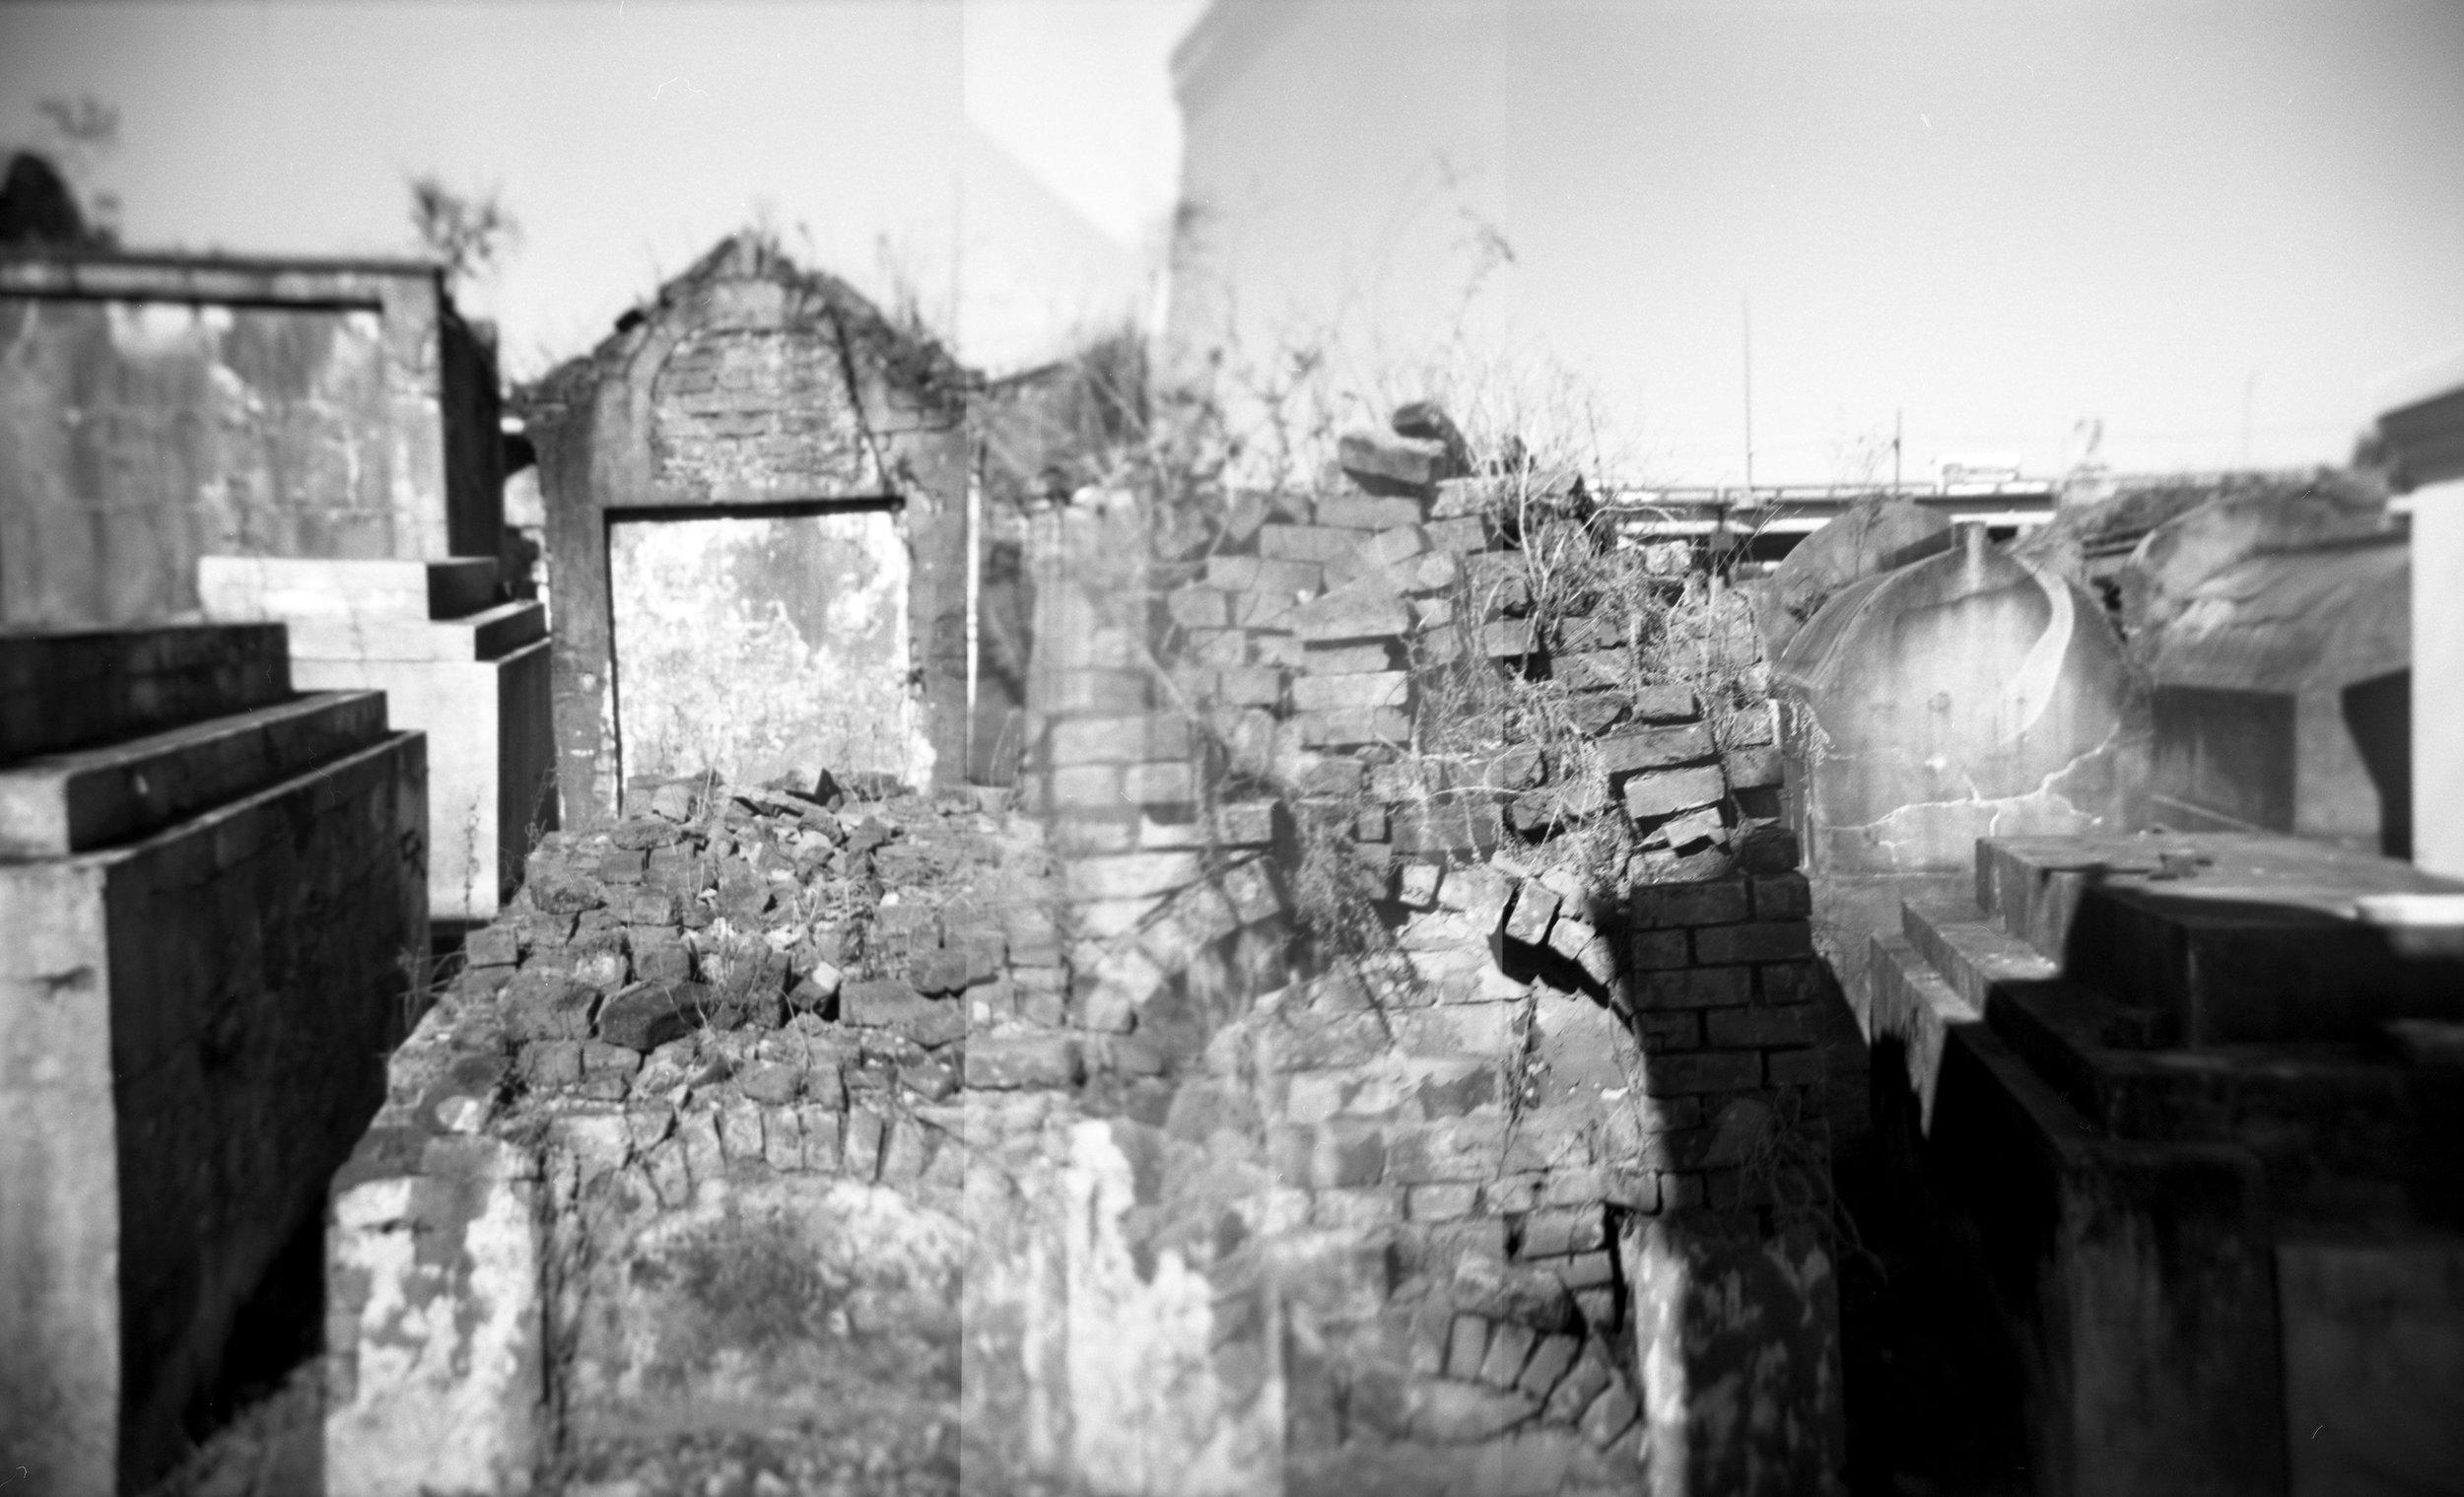 Bricks & Weeds, Double Exposure